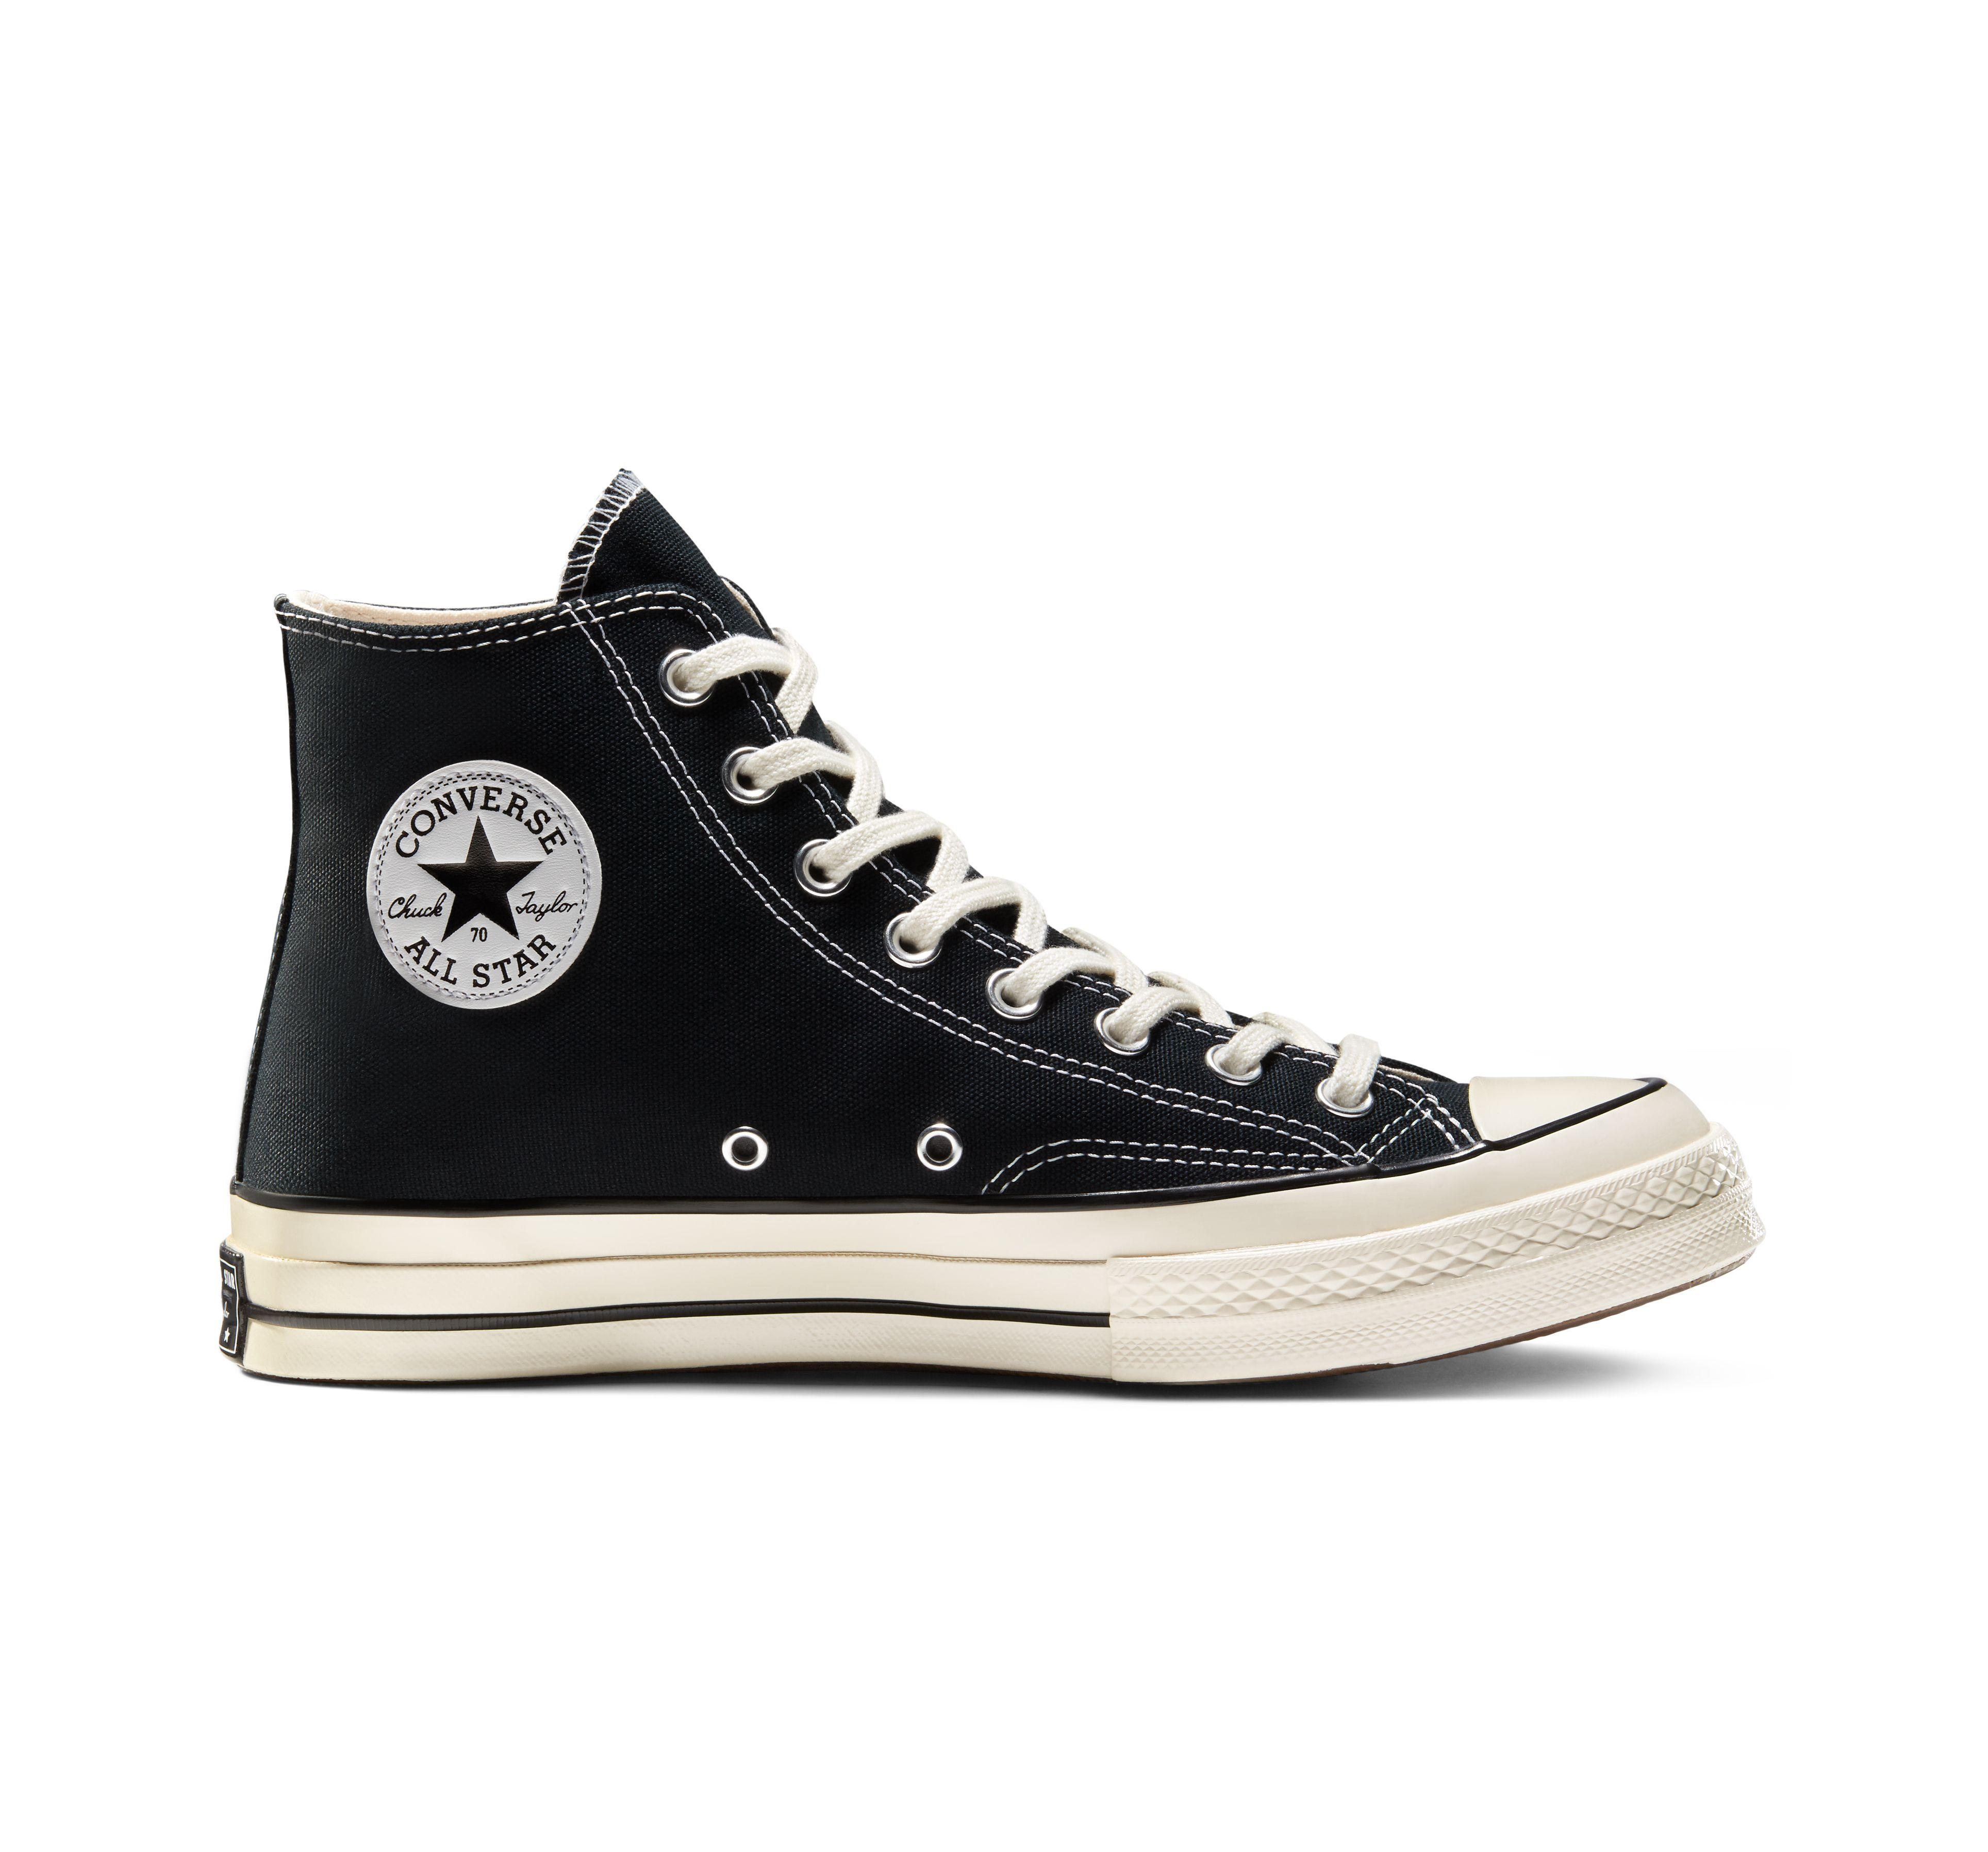 รีวิว 'Converse Chuck 70' รองเท้าคู่ฮิตตลอดกาล